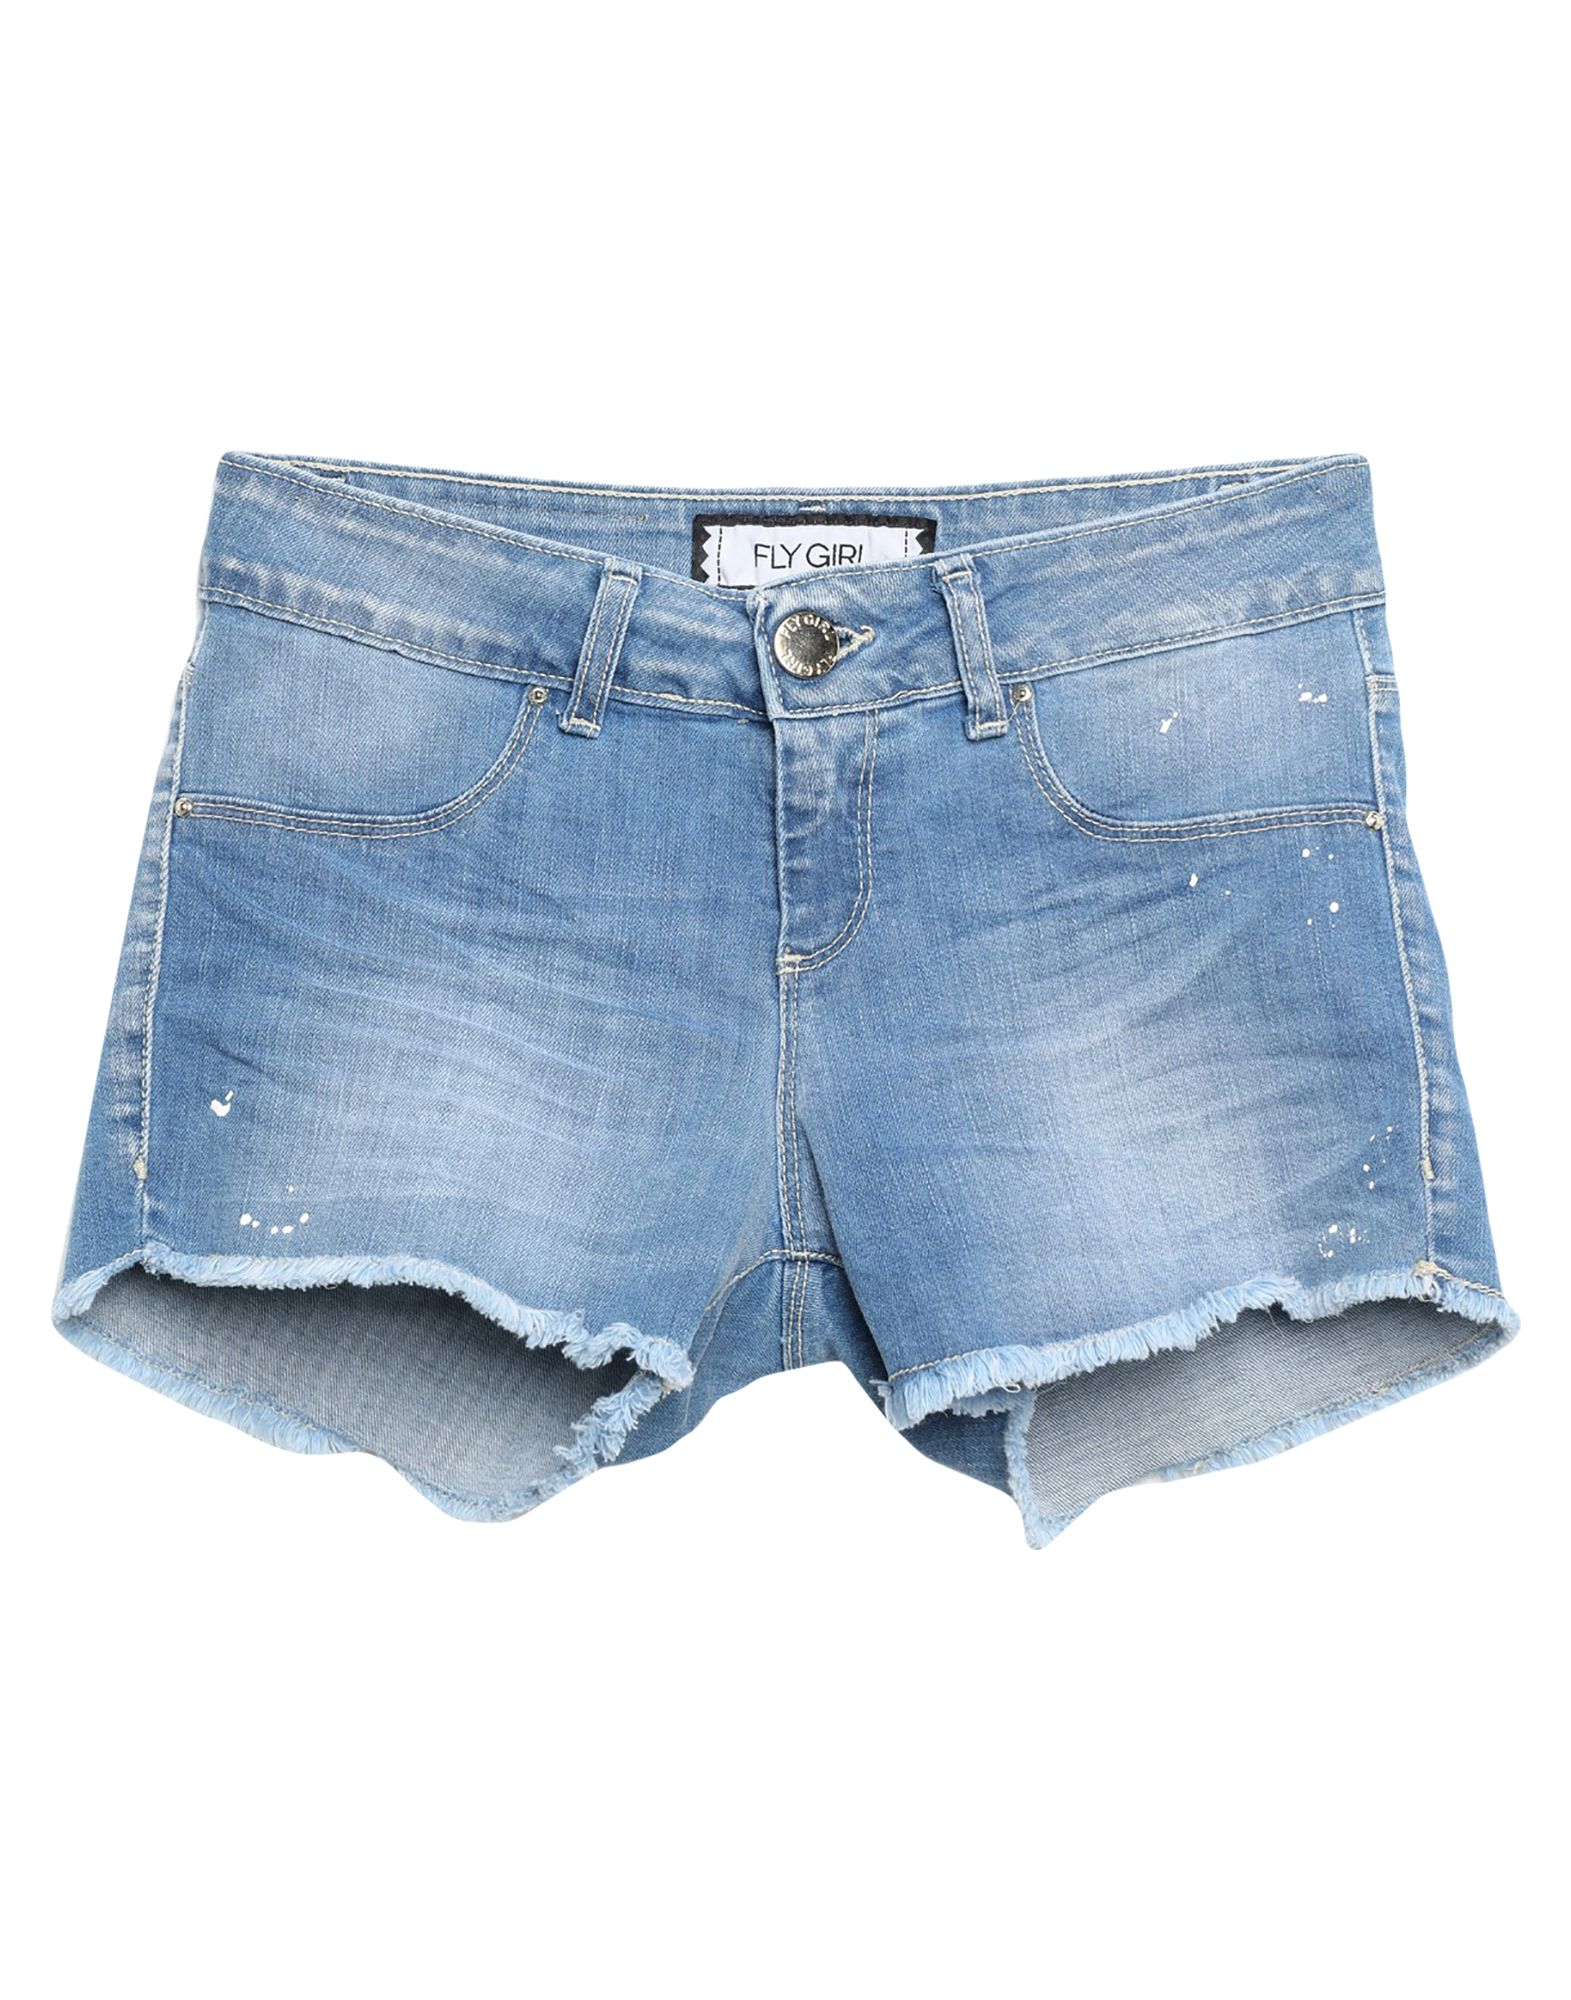 FLY GIRL Джинсовые шорты